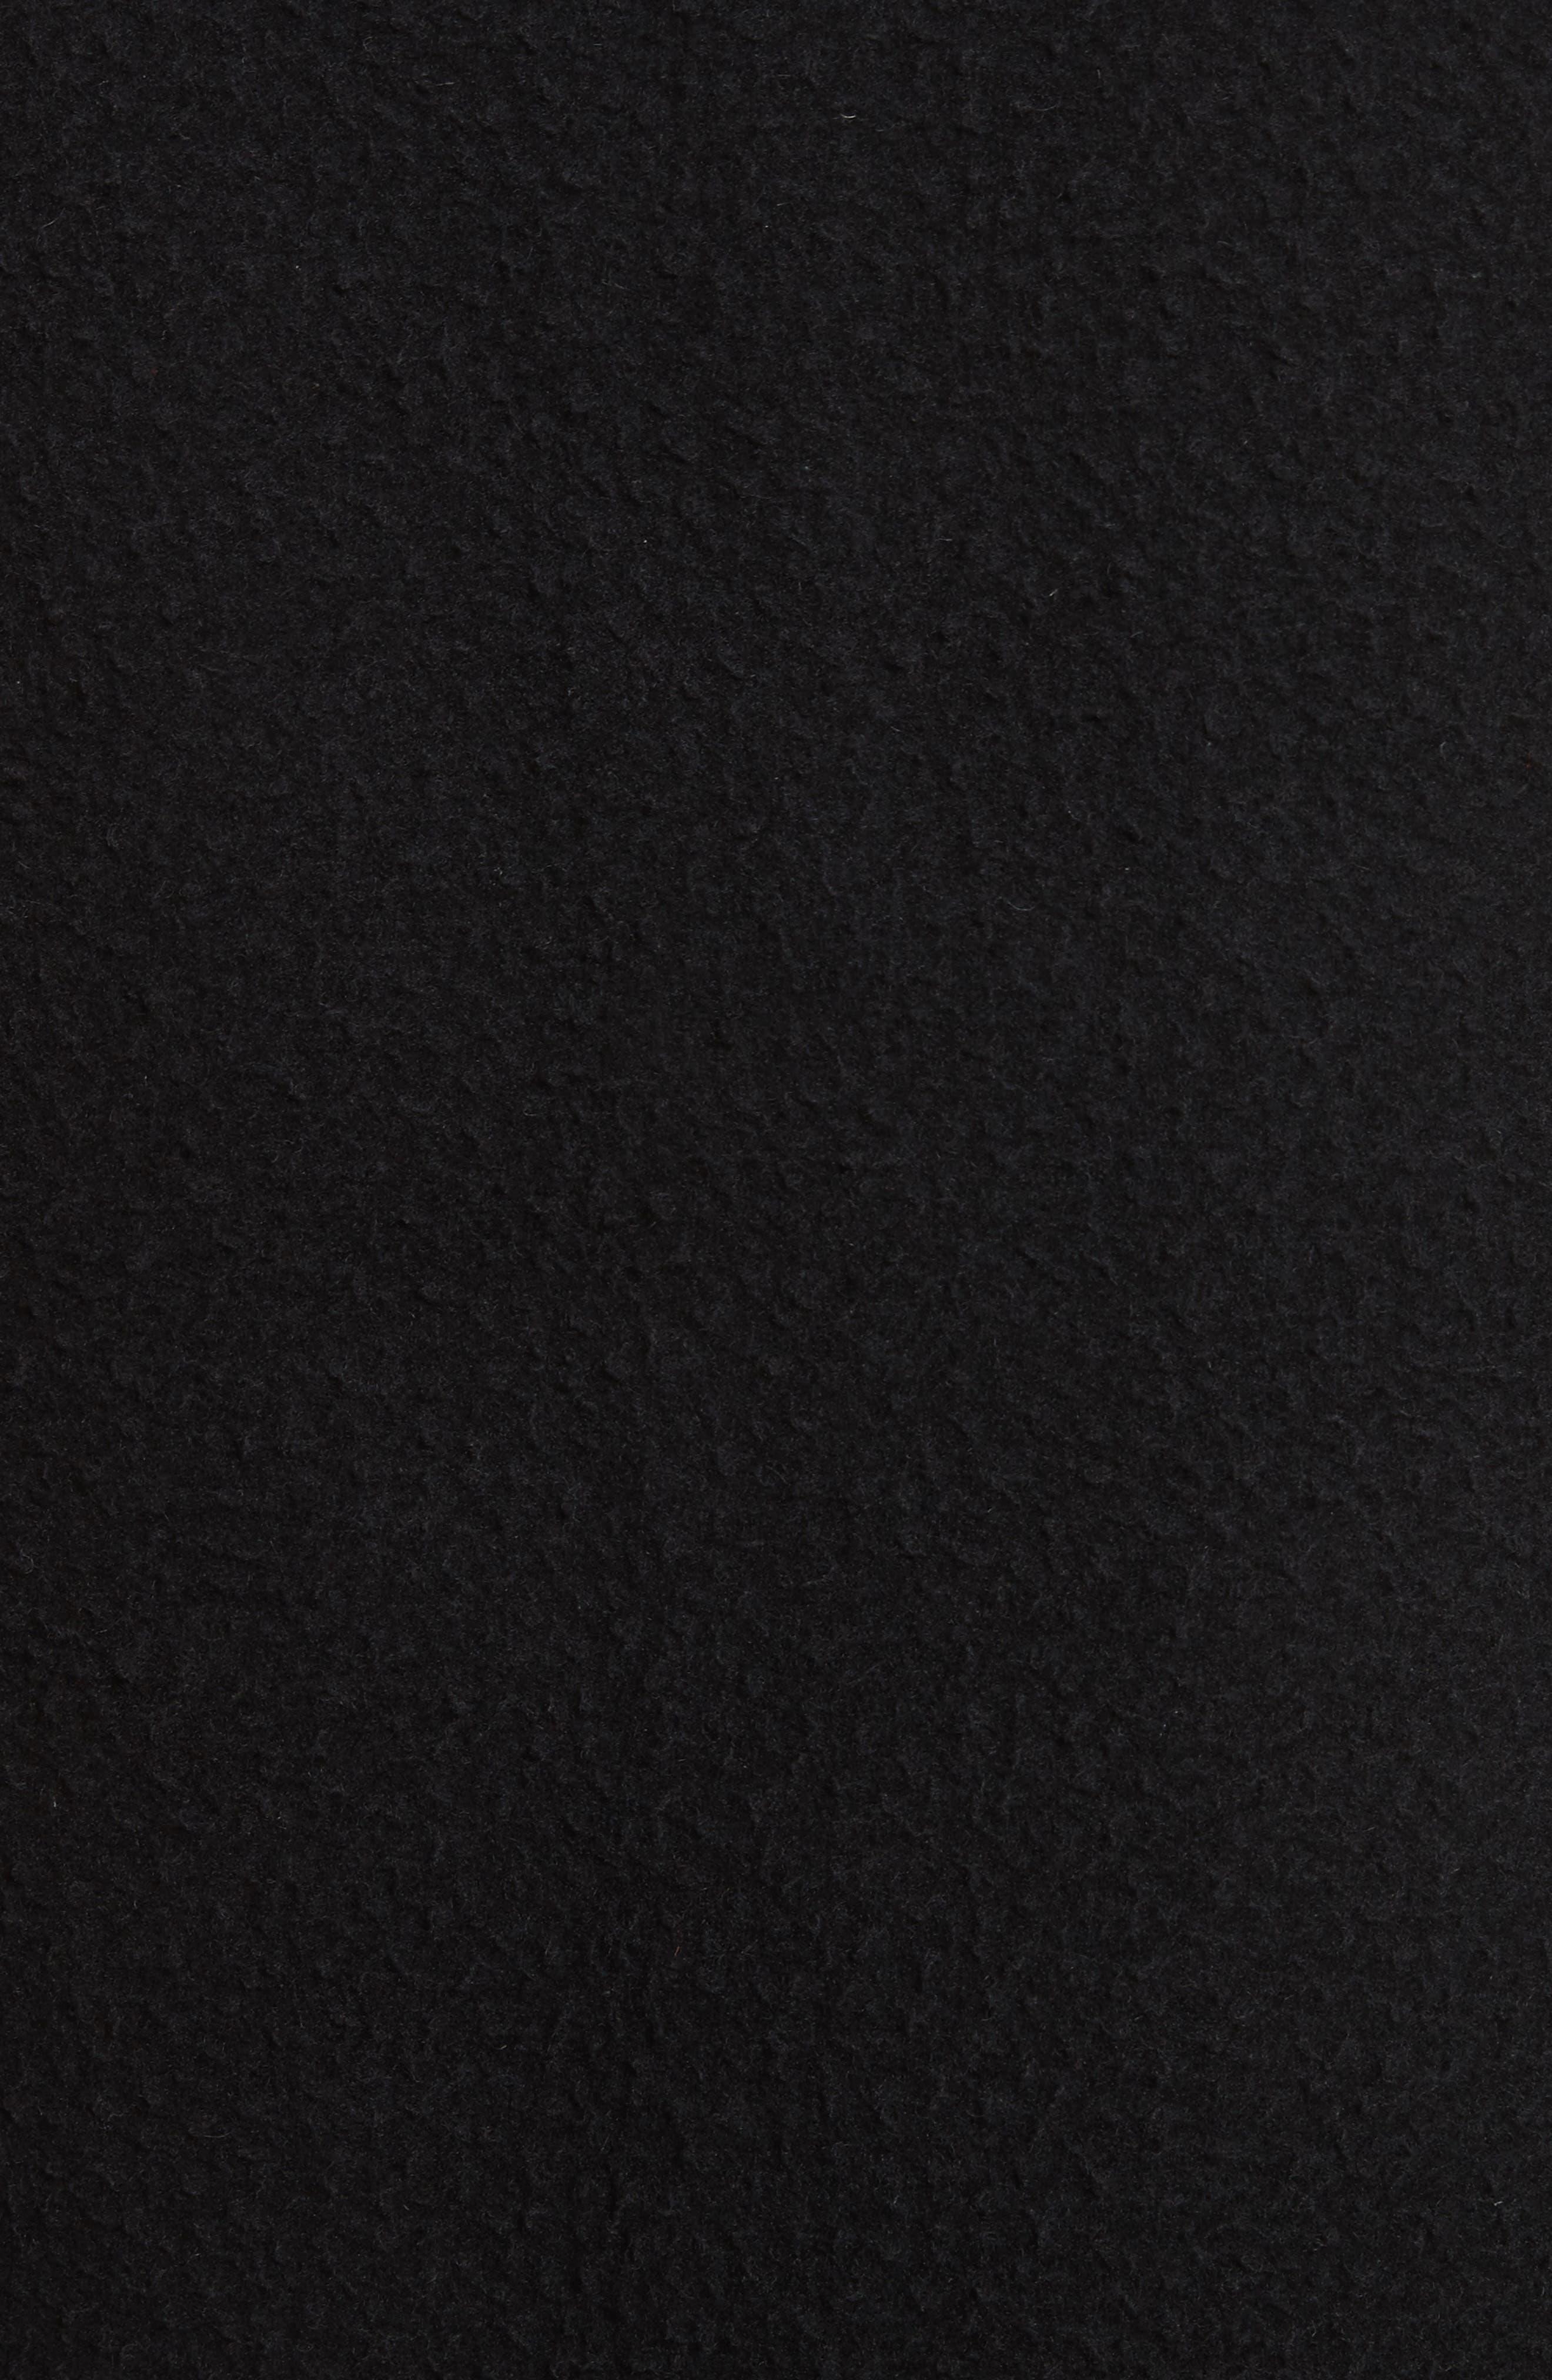 Elliott Boiled Wool Blend Jacket,                             Alternate thumbnail 5, color,                             Black